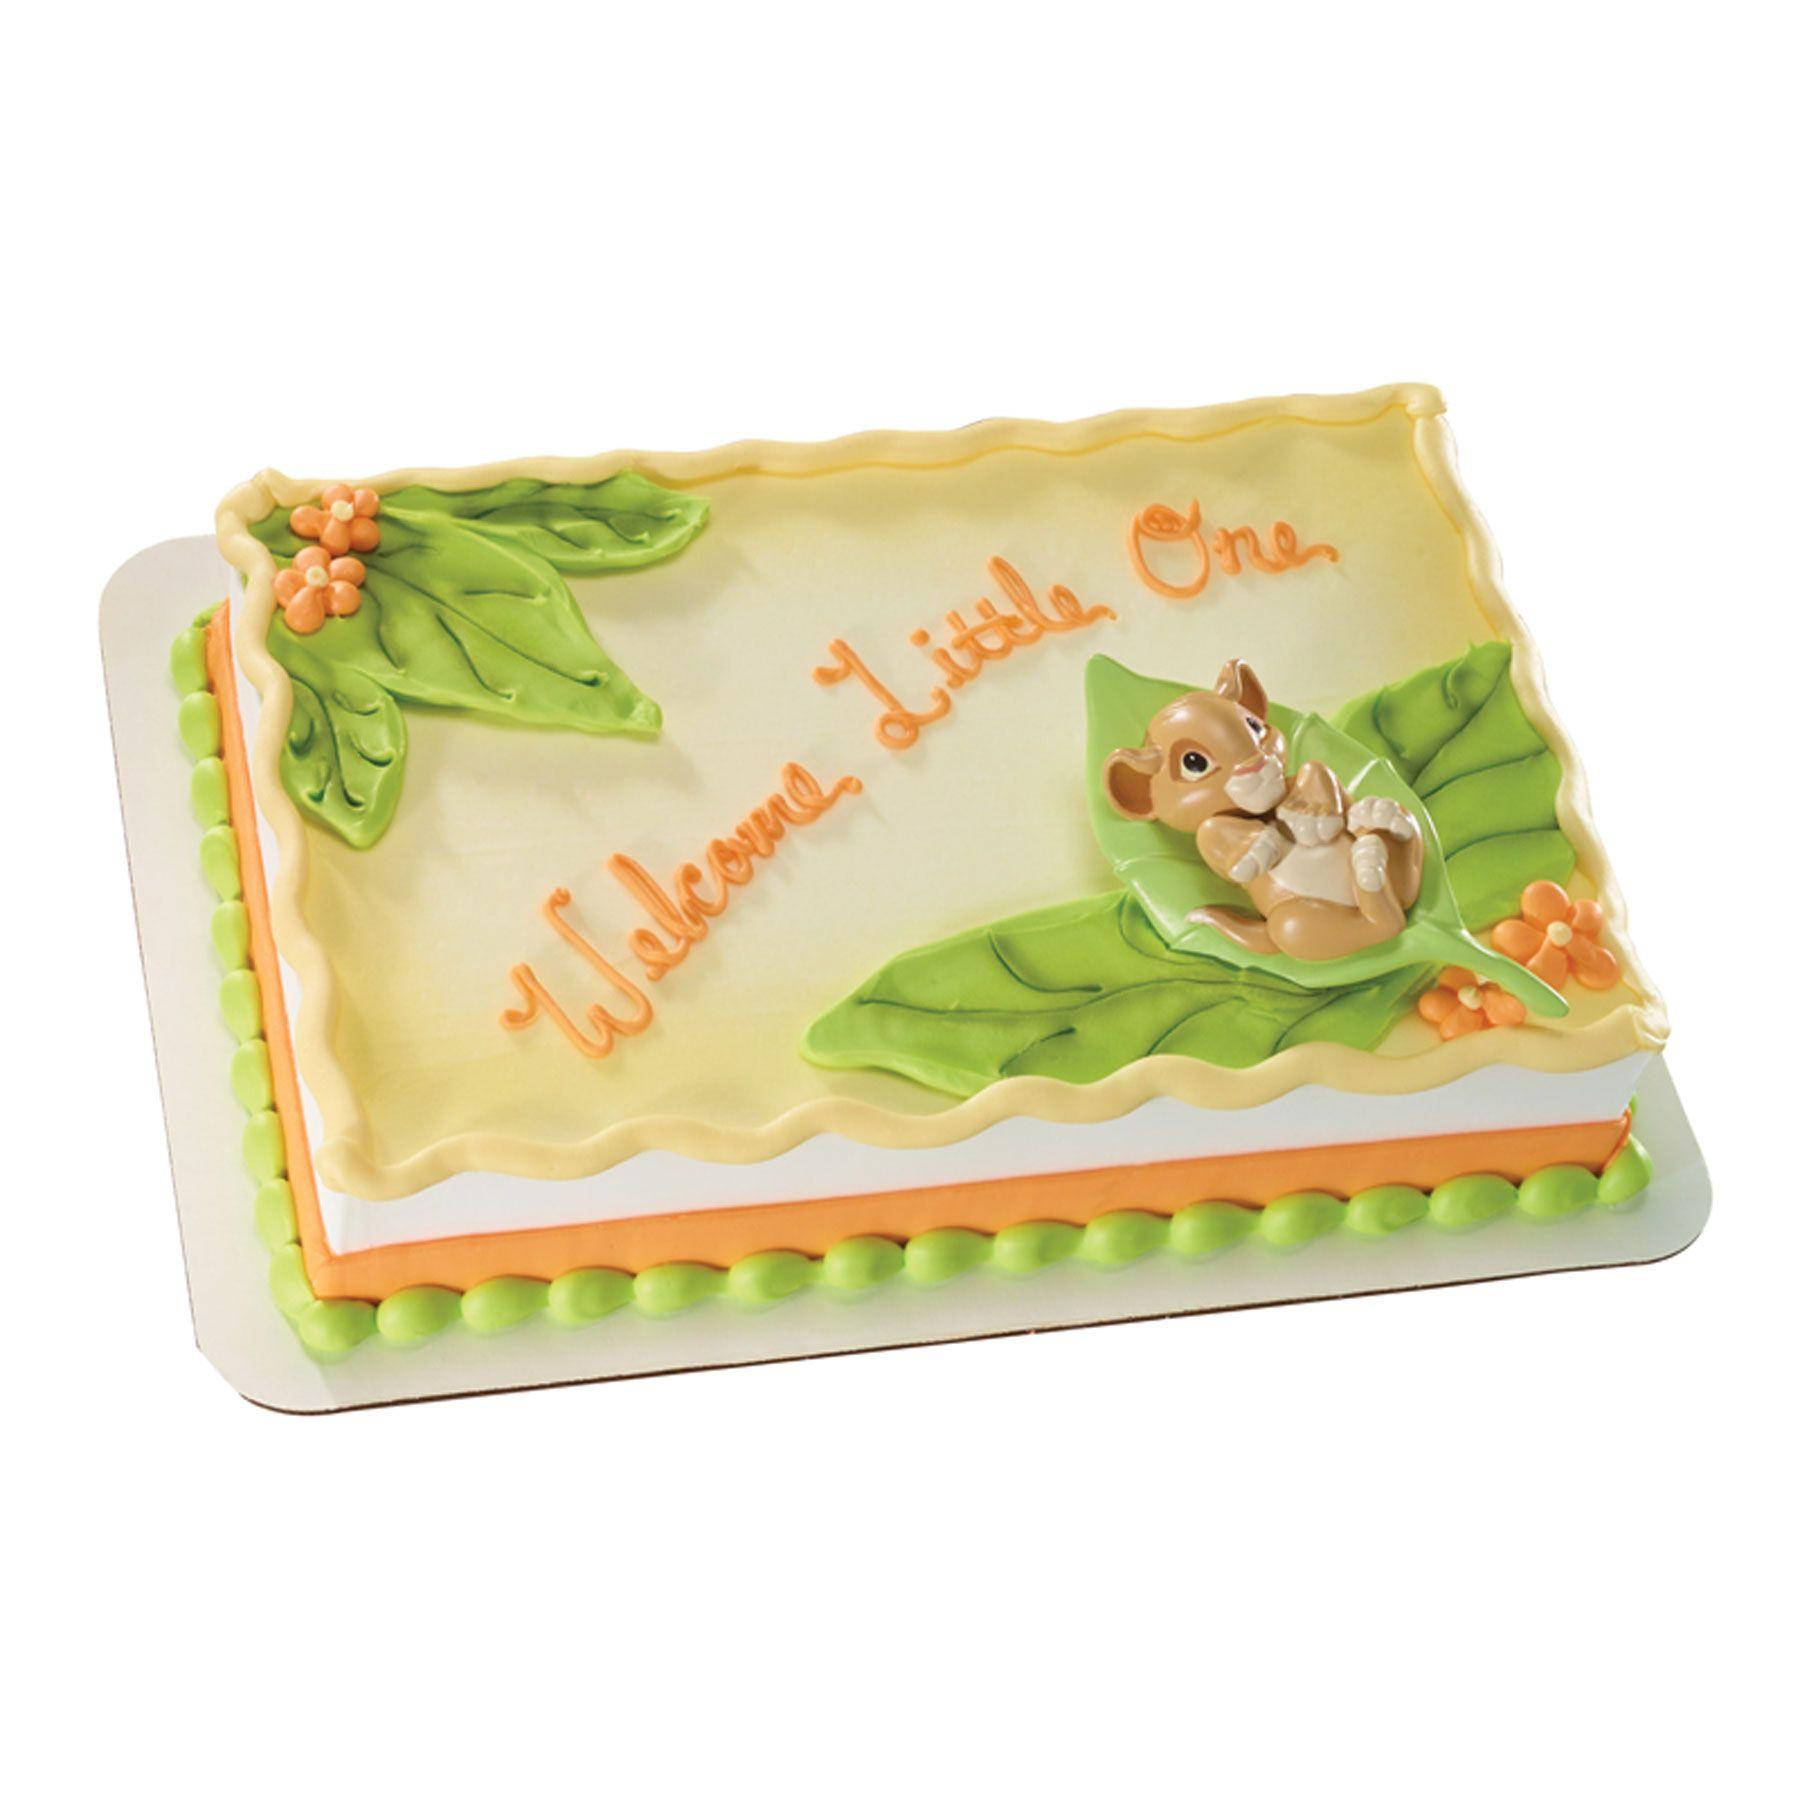 Lion King Sheet Cake The Lion King Baby Simba Decoset